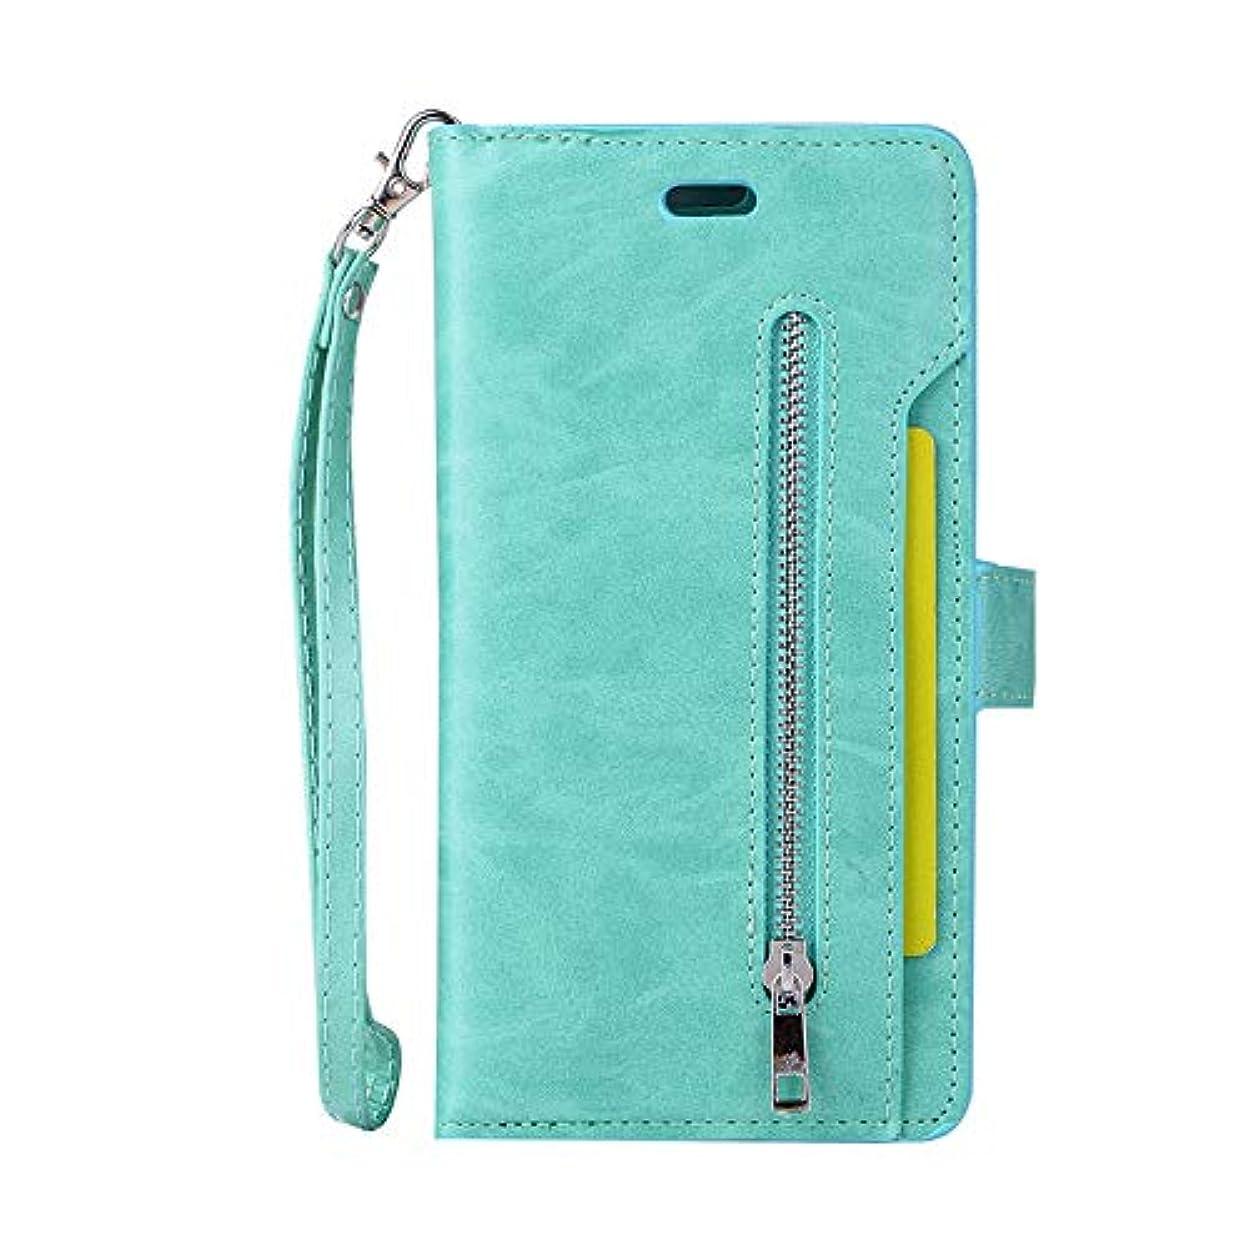 パイル感度ダイアクリティカルスマホケース Iphone 7 Plus カード収納、SIMPLE DO マグネット式吸着 分離式 全面クリア スタンド機能 男子 メンズ 高品質 ビジネス用 通勤 通学 おしゃれ(グリーン)